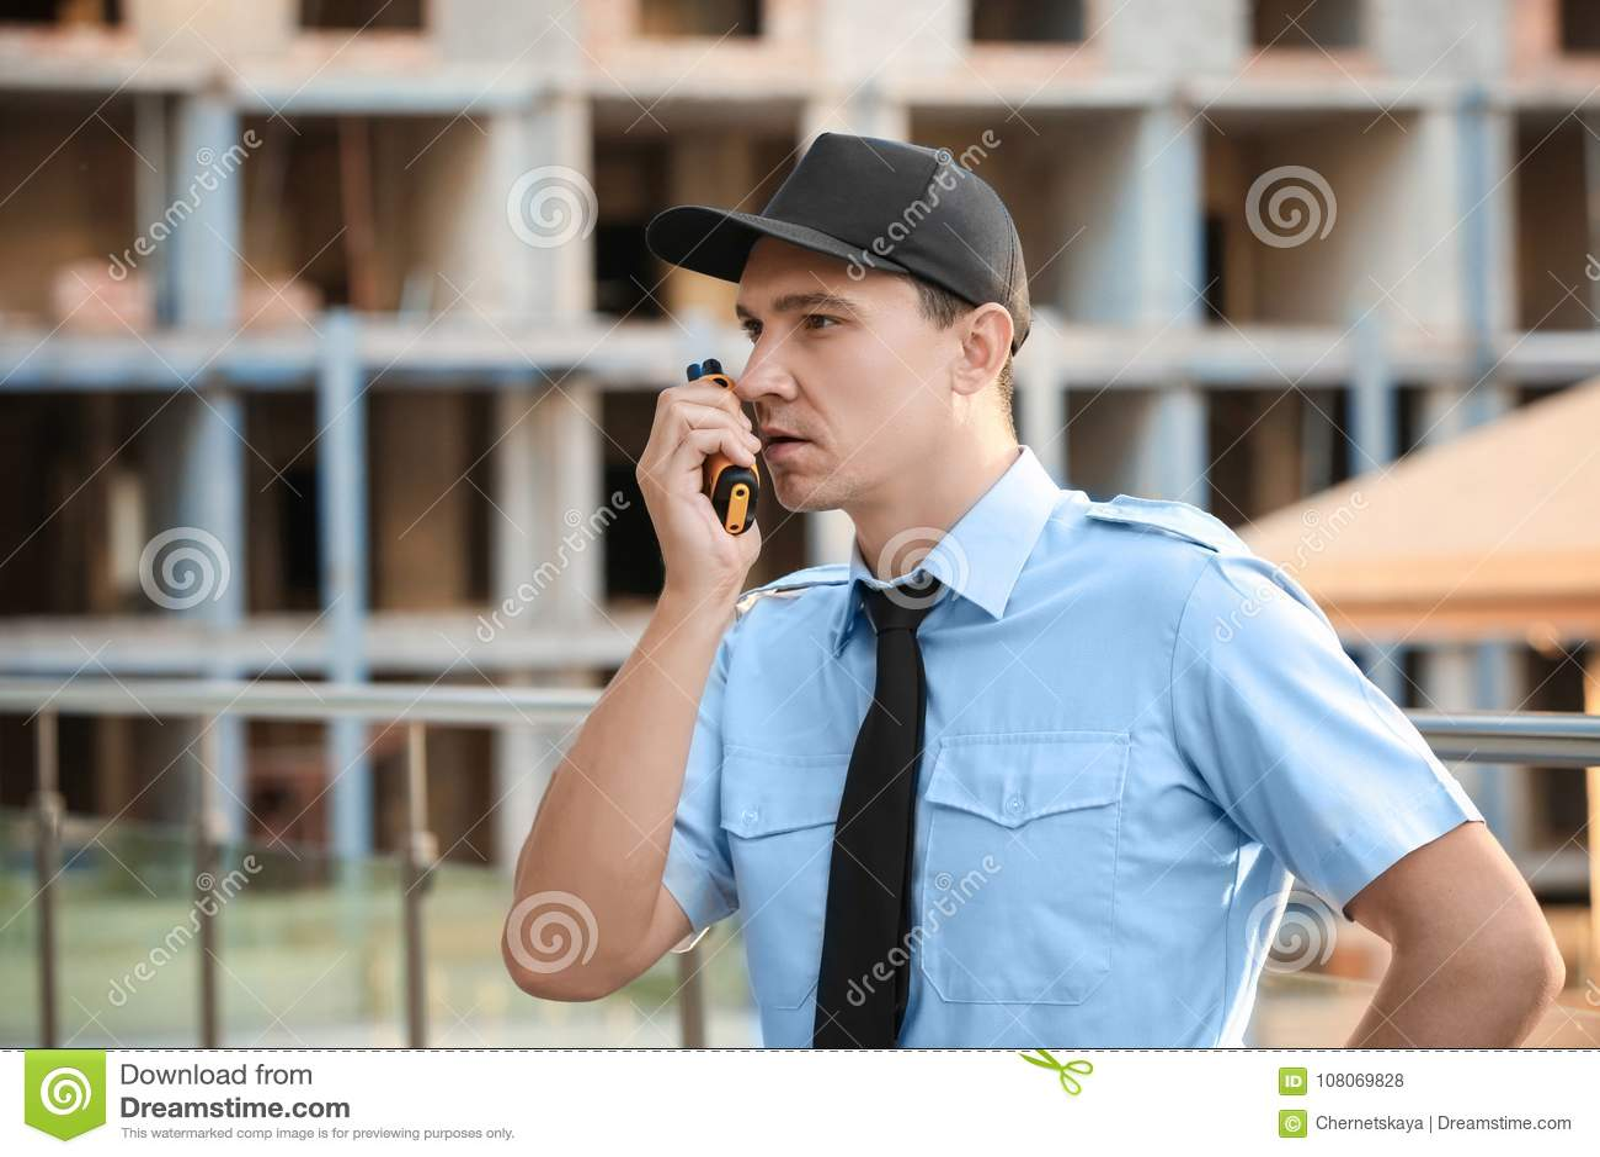 Mannelijke veiligheidsagent met draagbare radio,